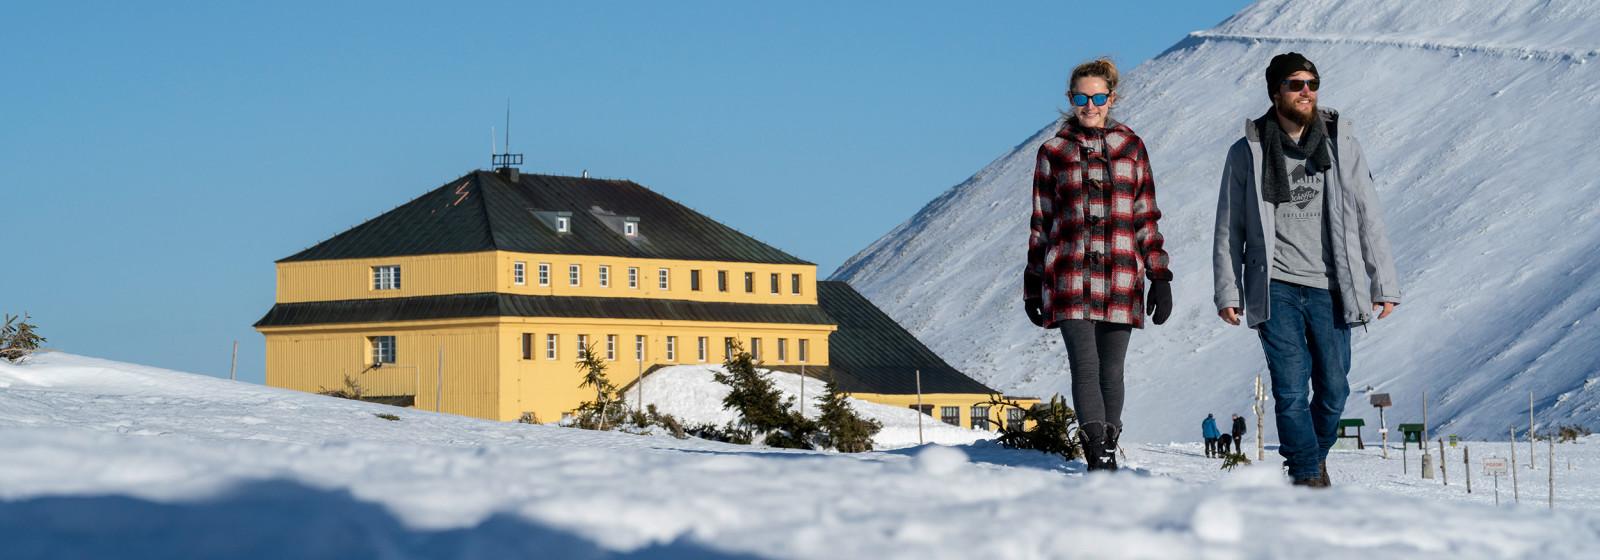 Schlesierhaus Winterwandern, Riesengebirge, Tschechien.